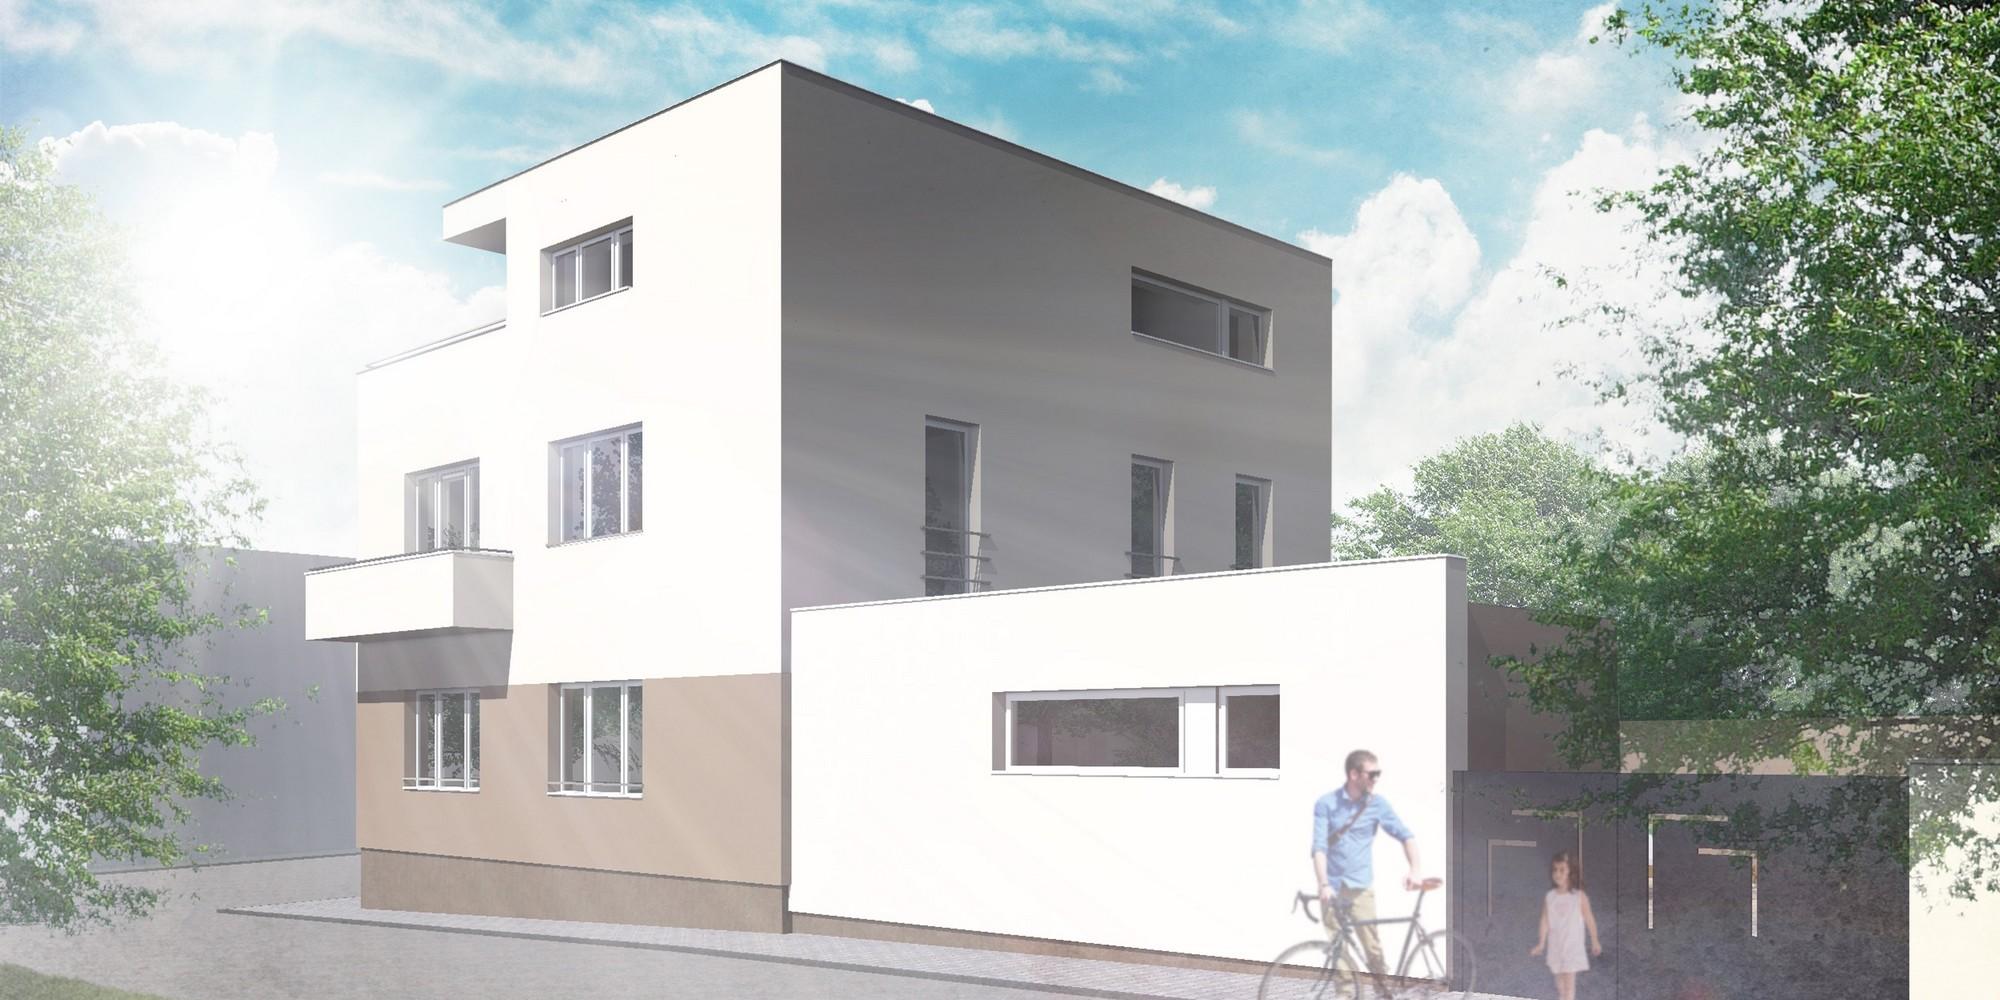 Rekonstrukce a přestavba vily v Lounech - image